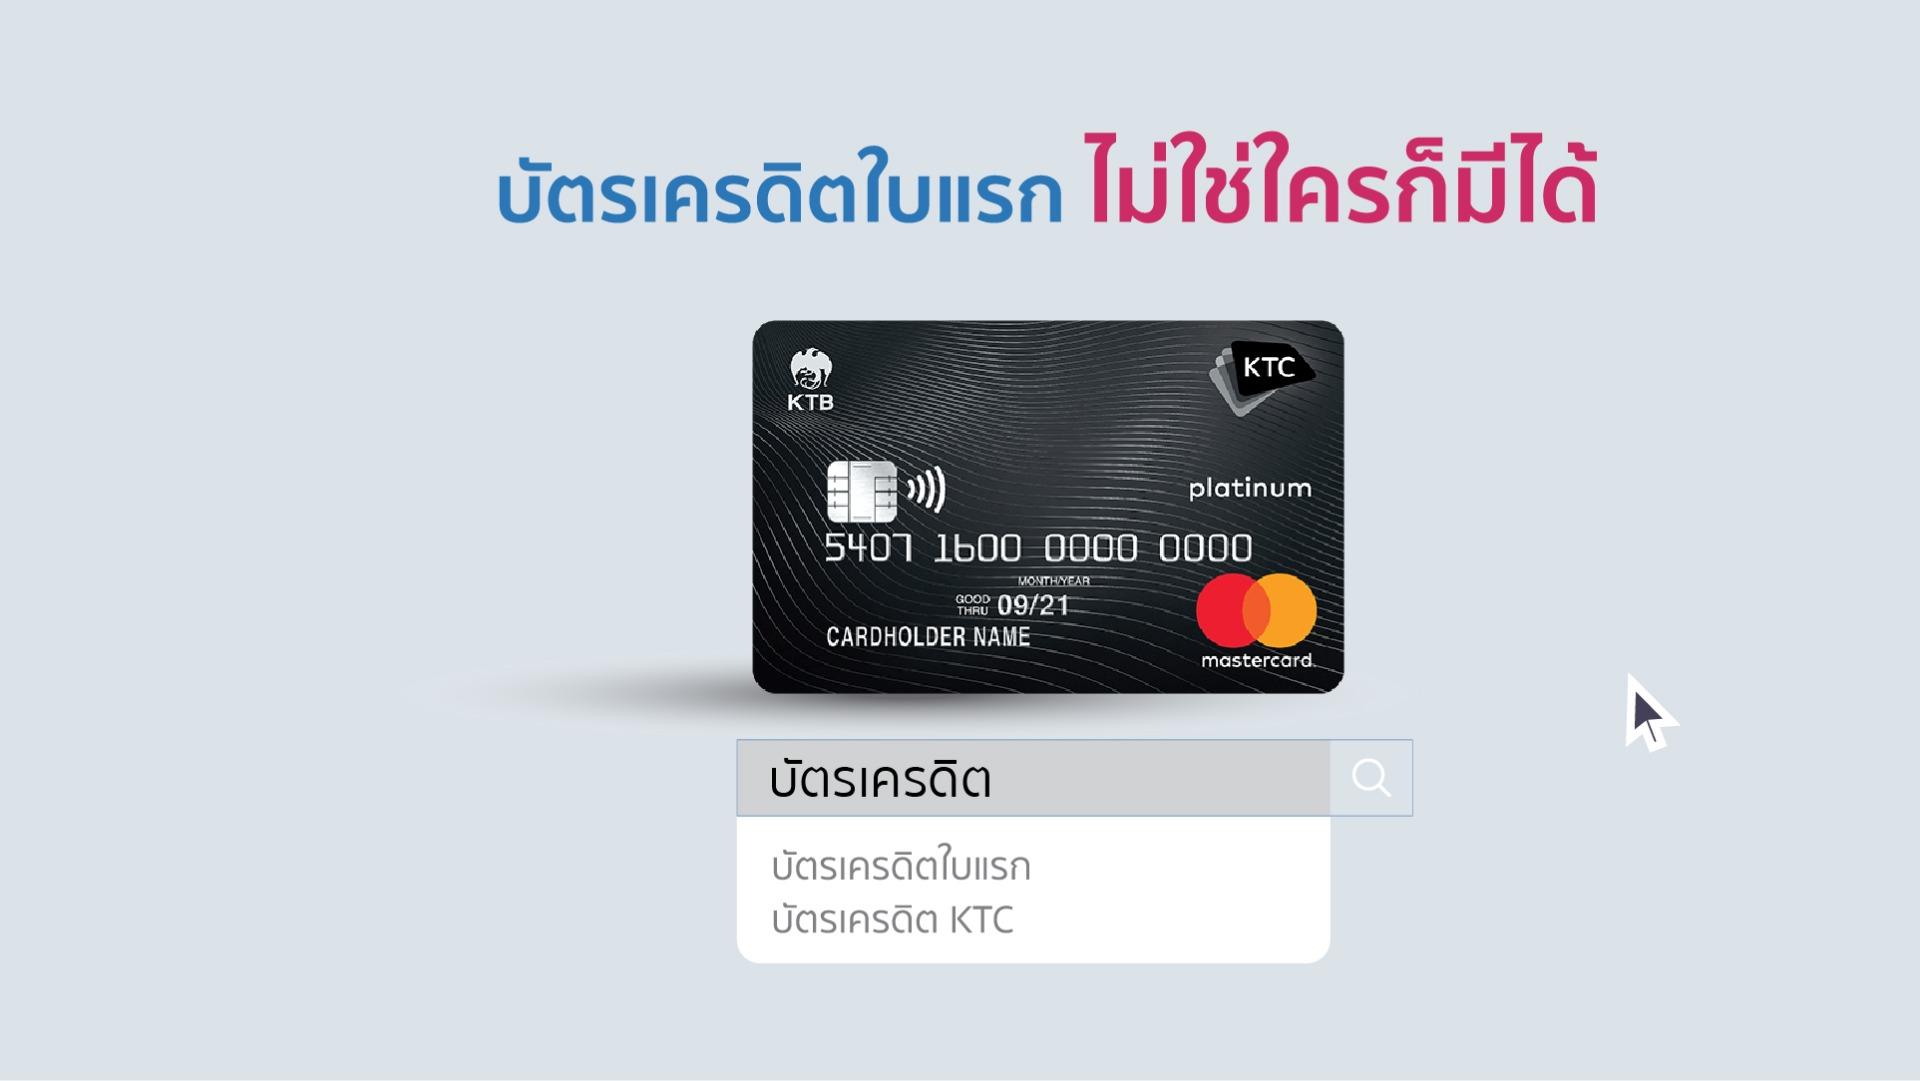 บัตรเครดิตใบแรก ไม่ใช่ใครก็มีได้